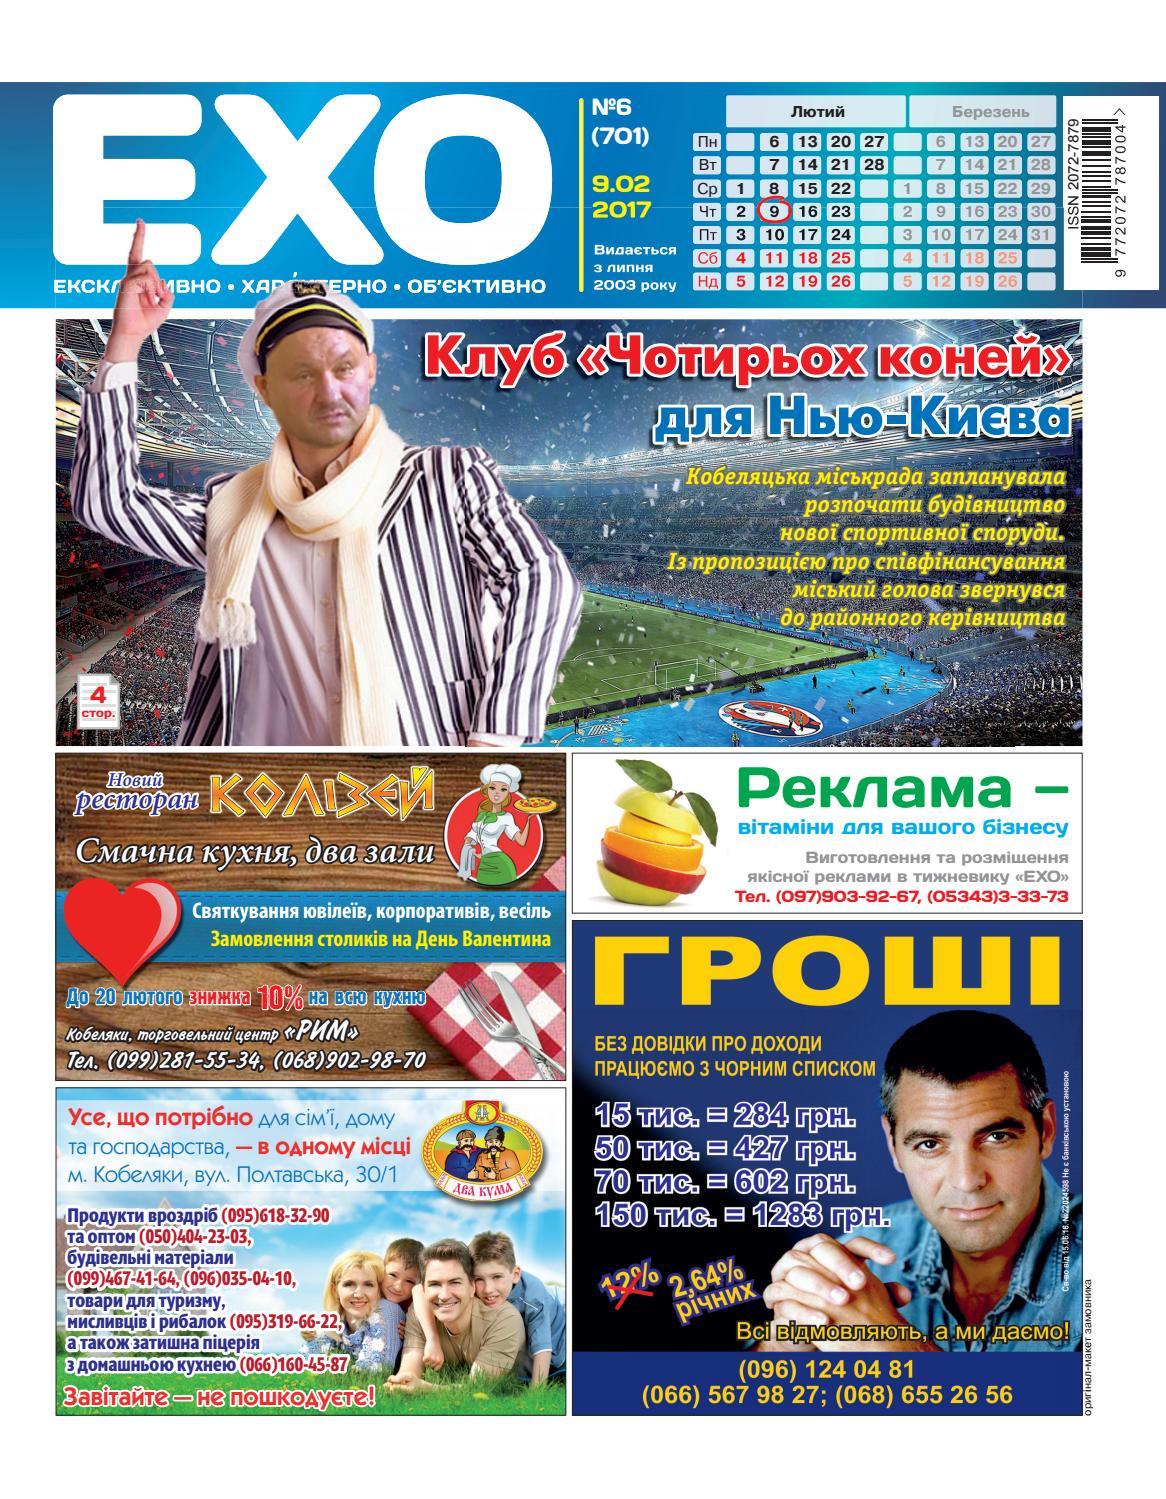 Тижневик «ЕХО» №6(701) by Тижневик «ЕХО» - issuu 2da311ab87054